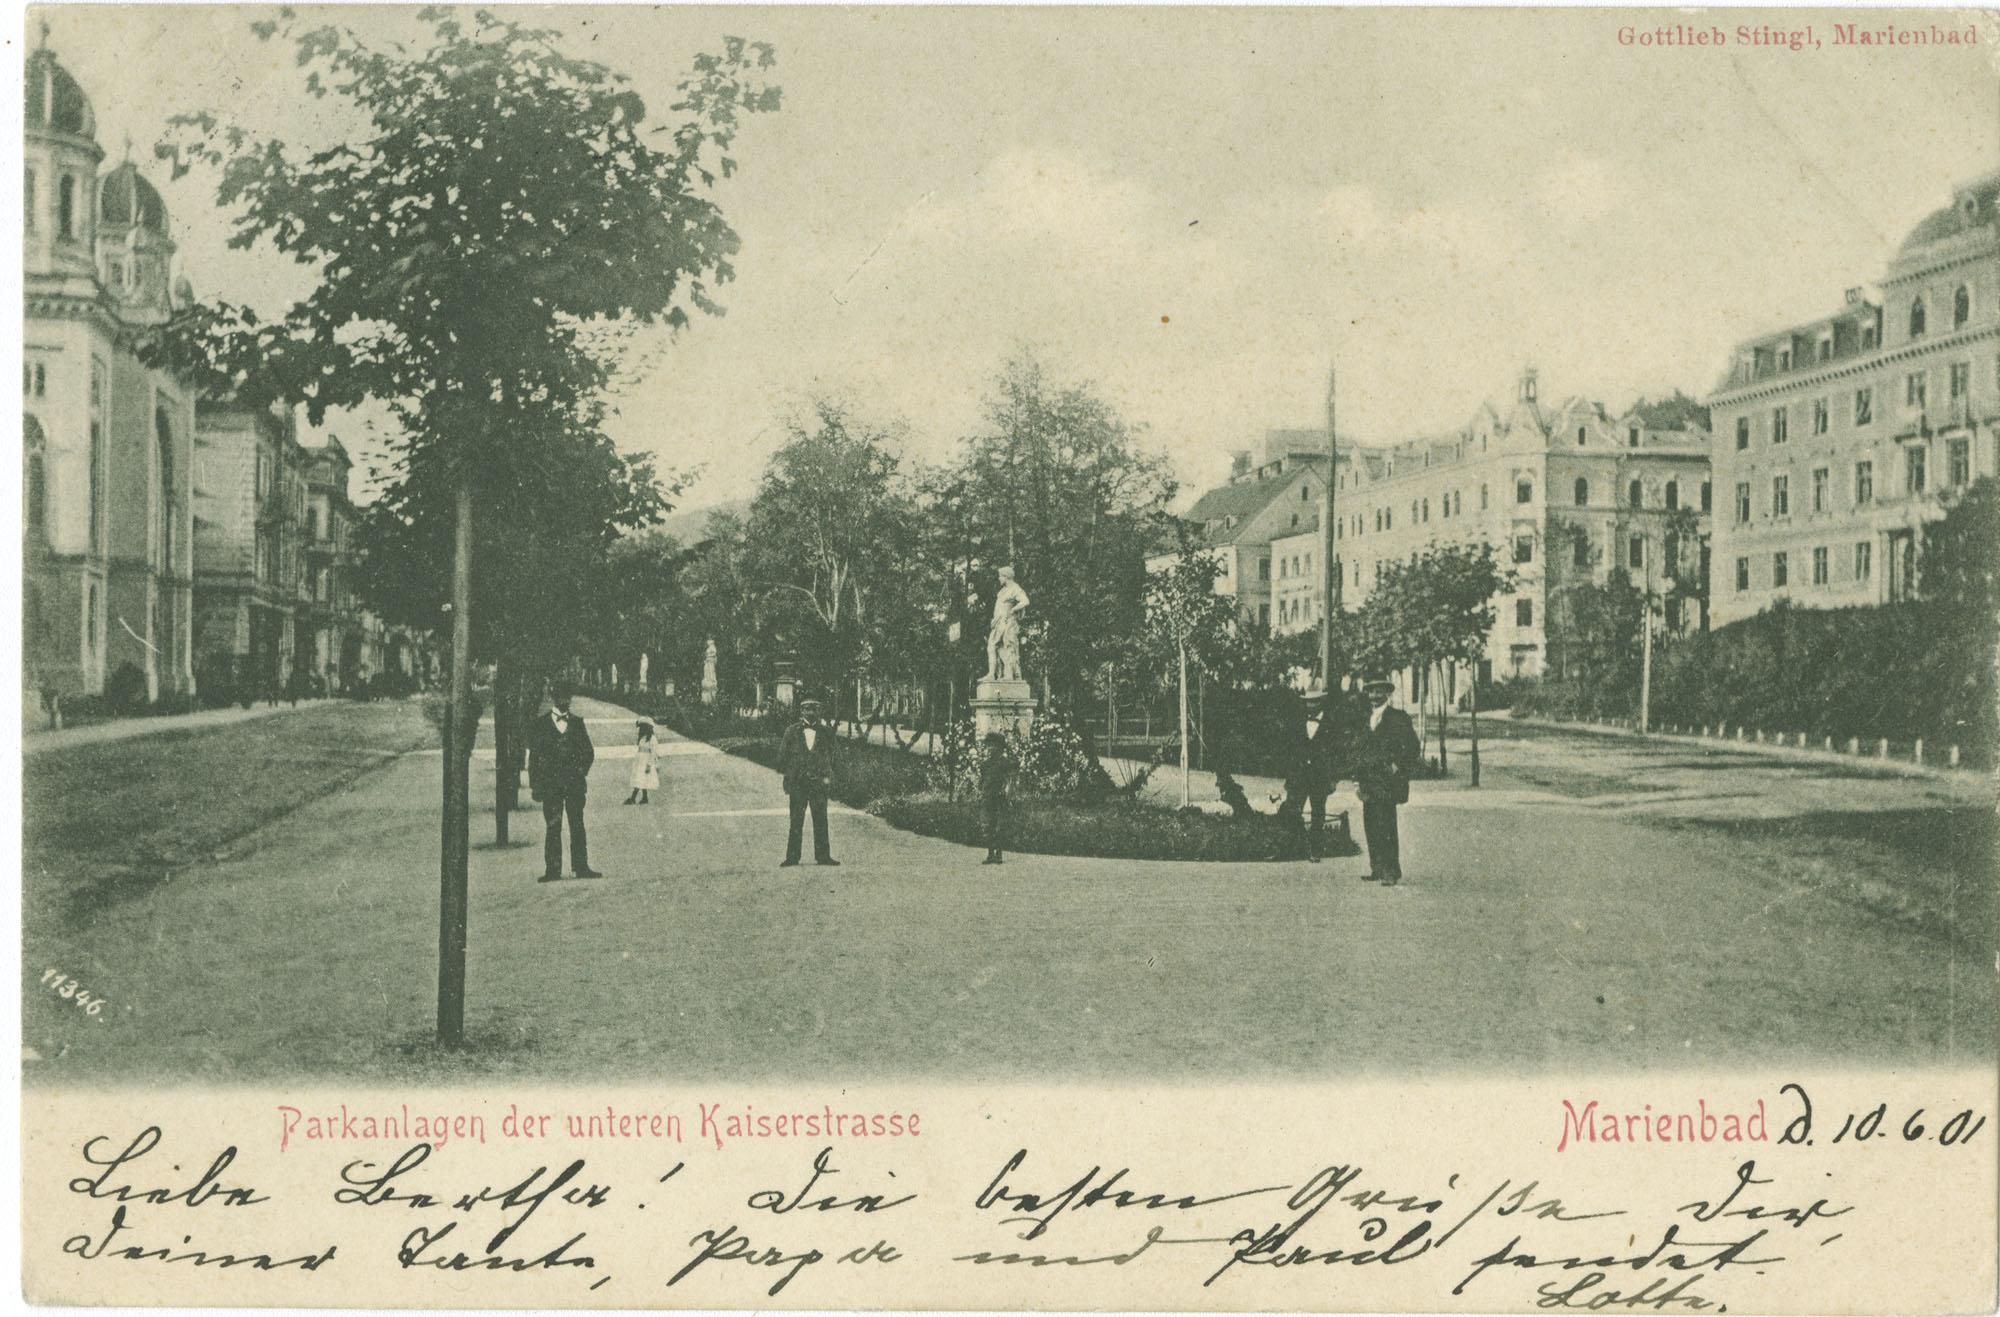 Parkanlagen der unteren Kaiserstrasse. Marienbad.